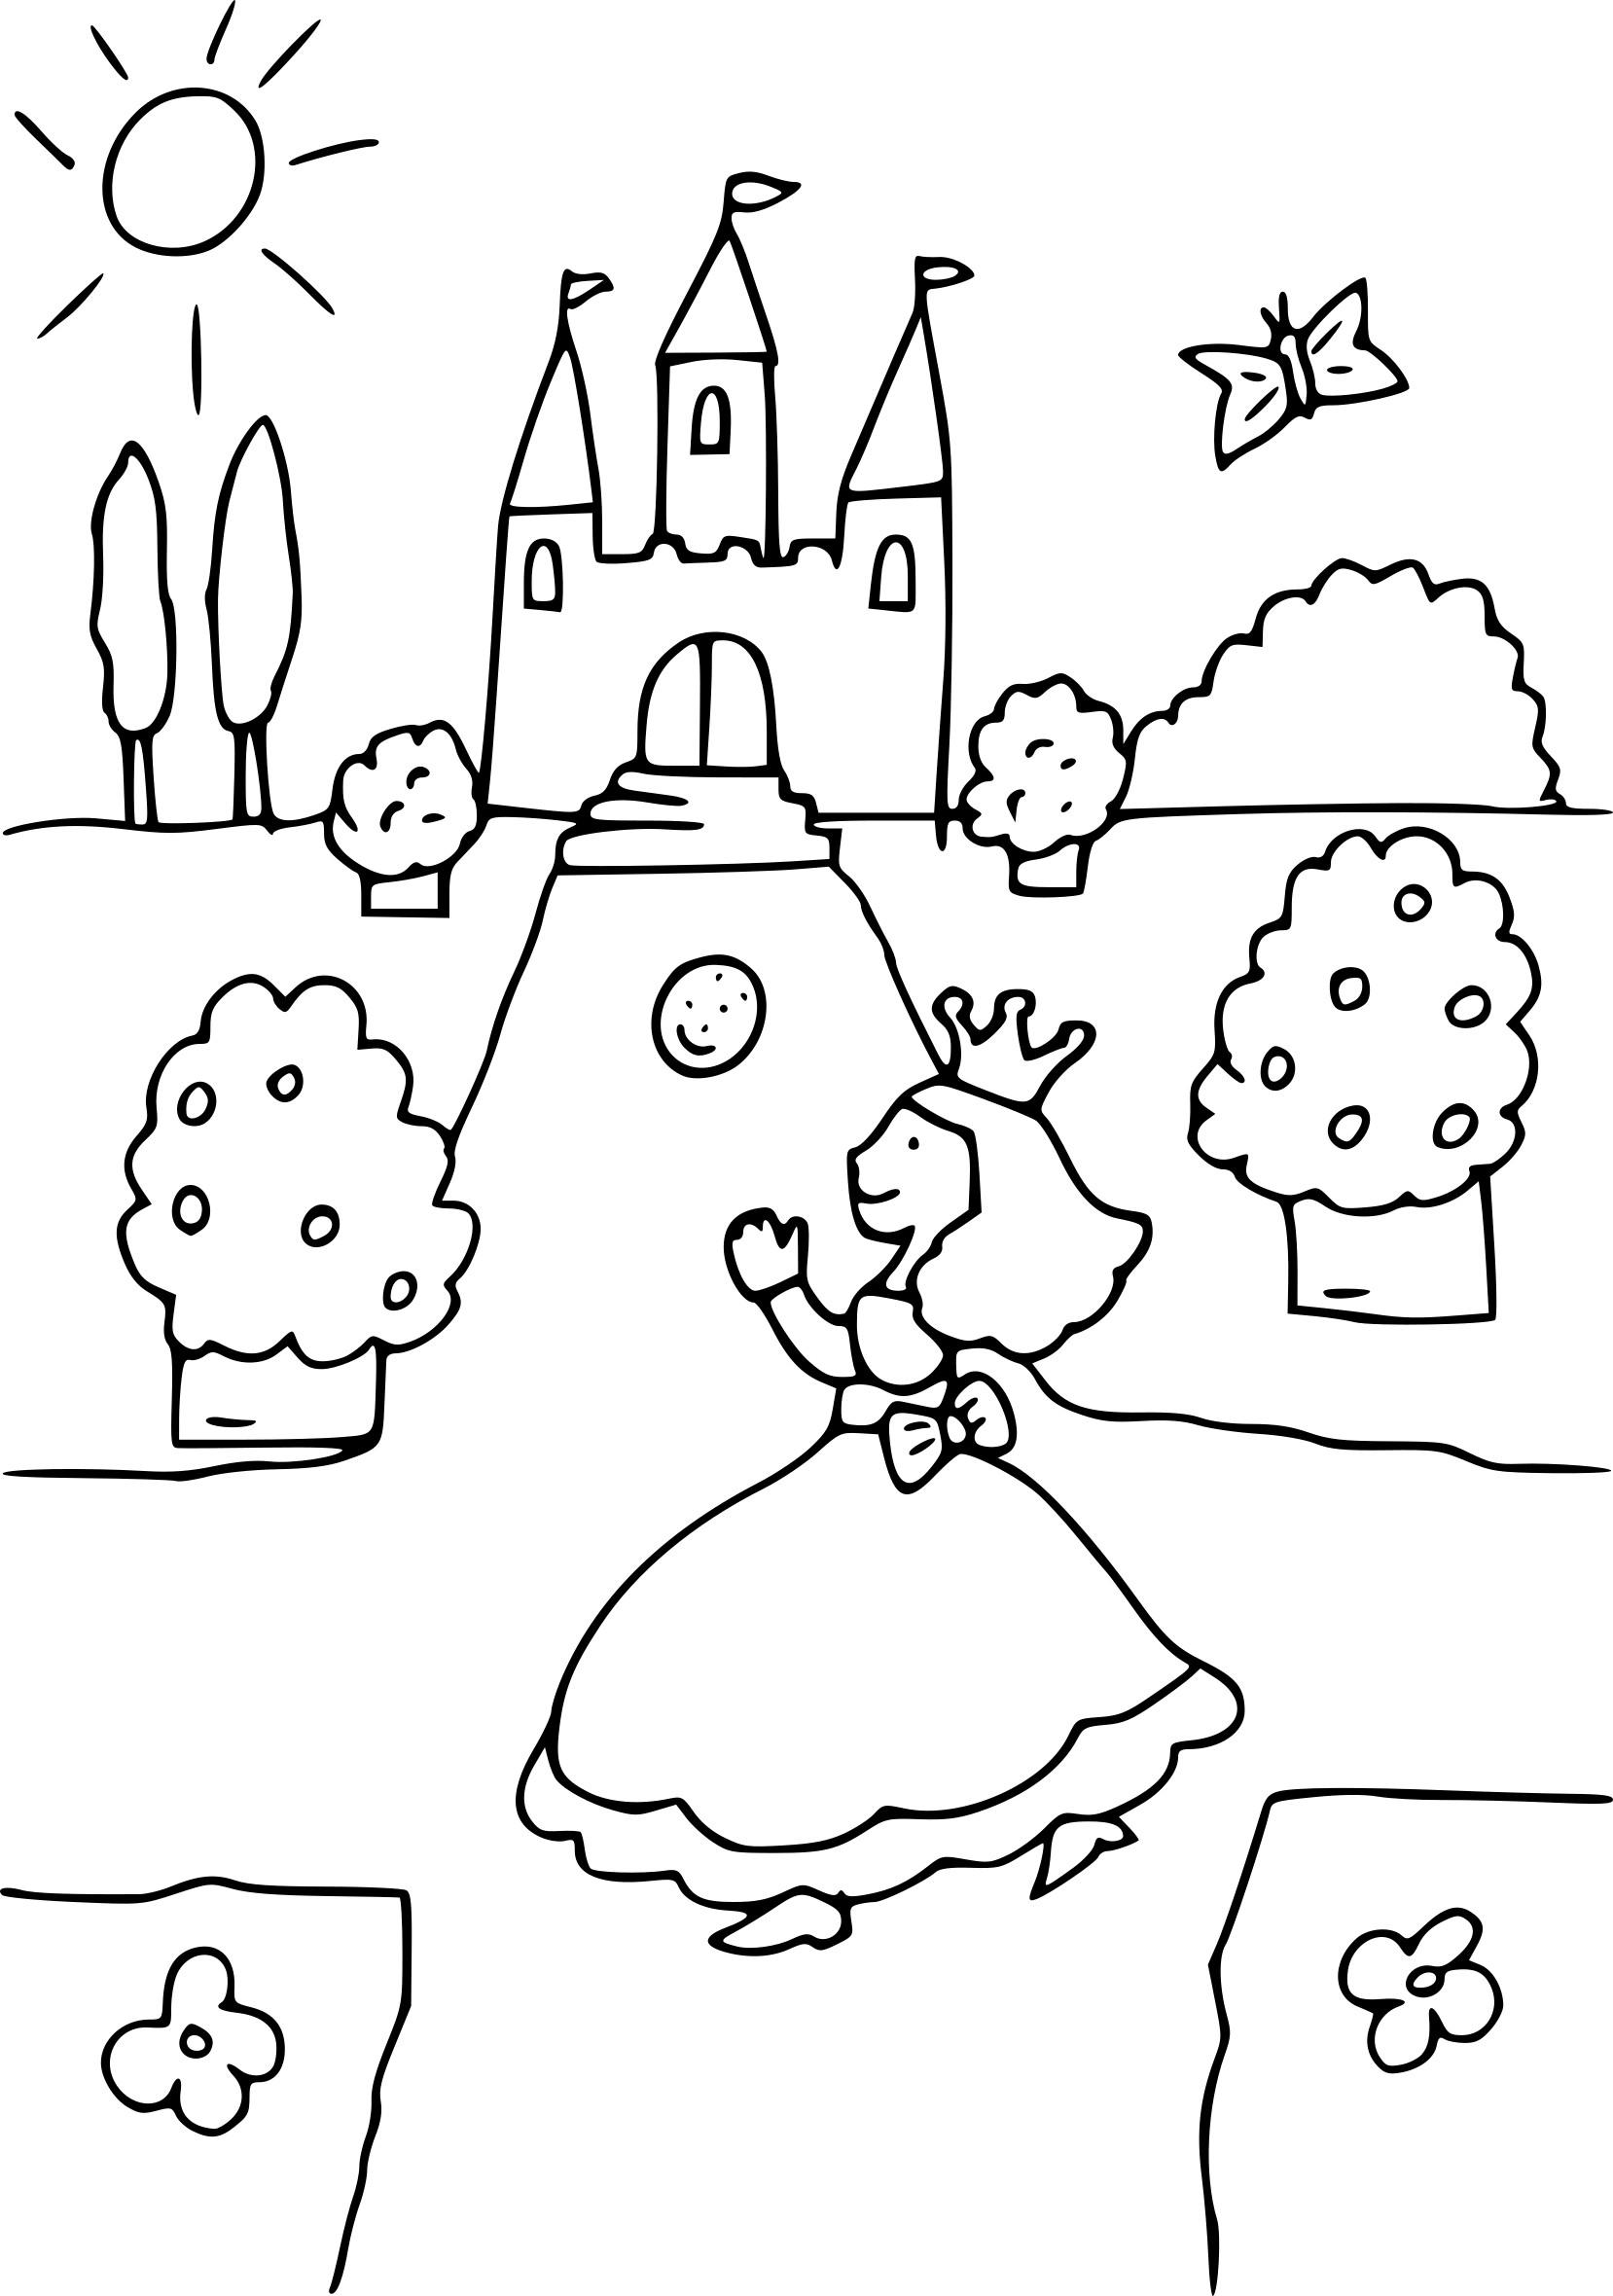 Coloriage Princesse Chateau À Imprimer Sur Coloriages intérieur Dessin Chateau Princesse